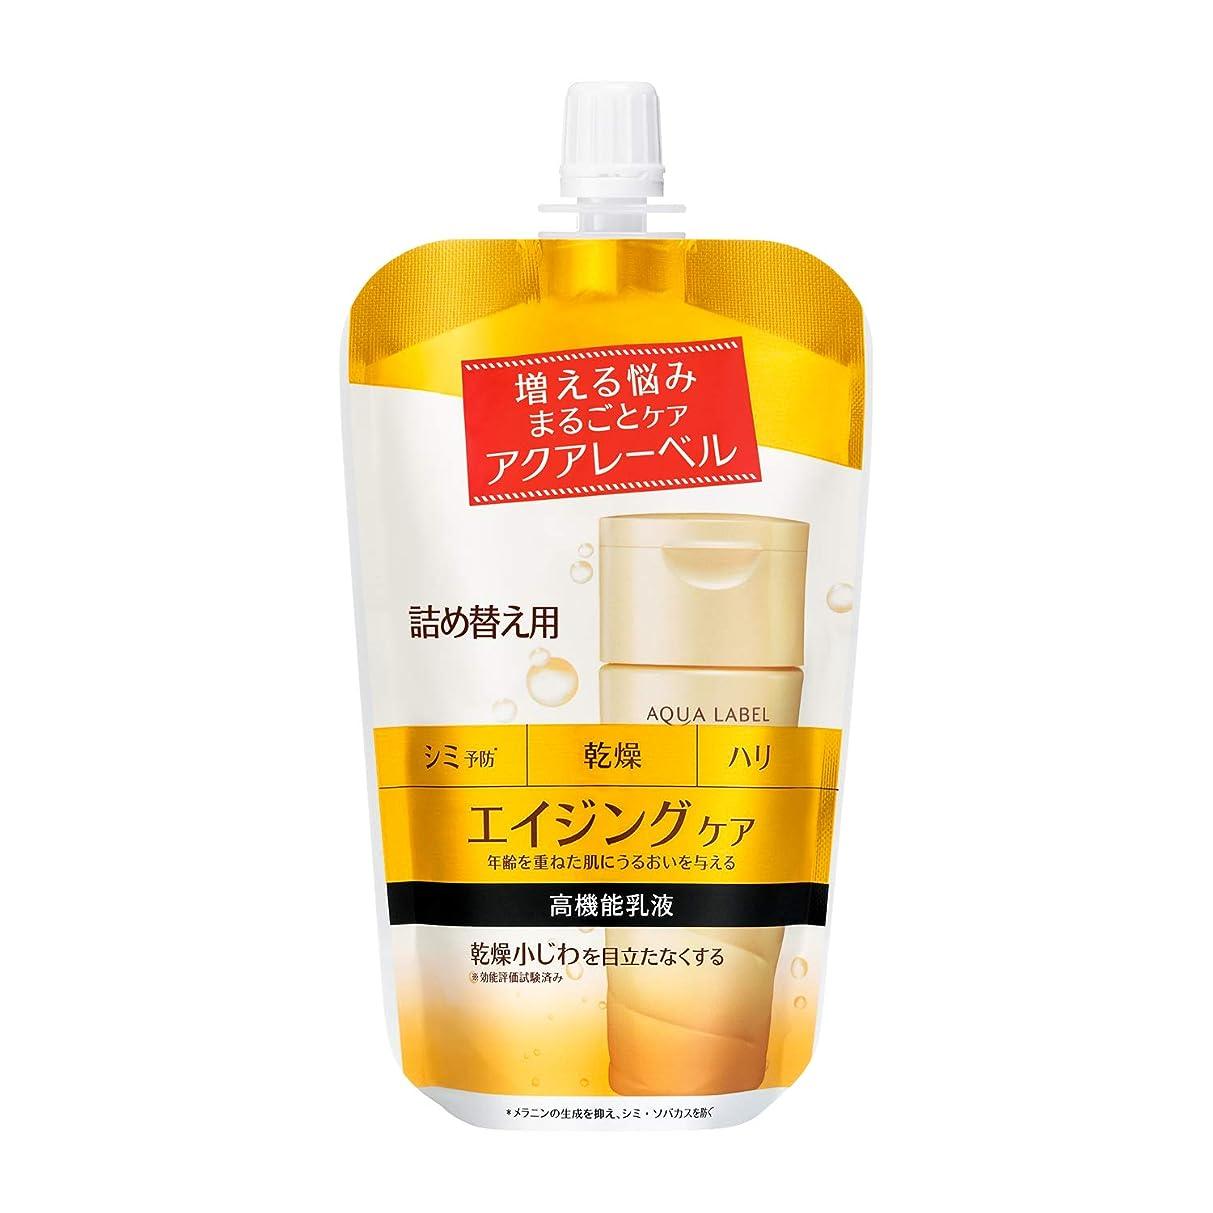 北西性能倫理アクアレーベル バウンシングケア ミルク (詰め替え用) 117mL 【医薬部外品】